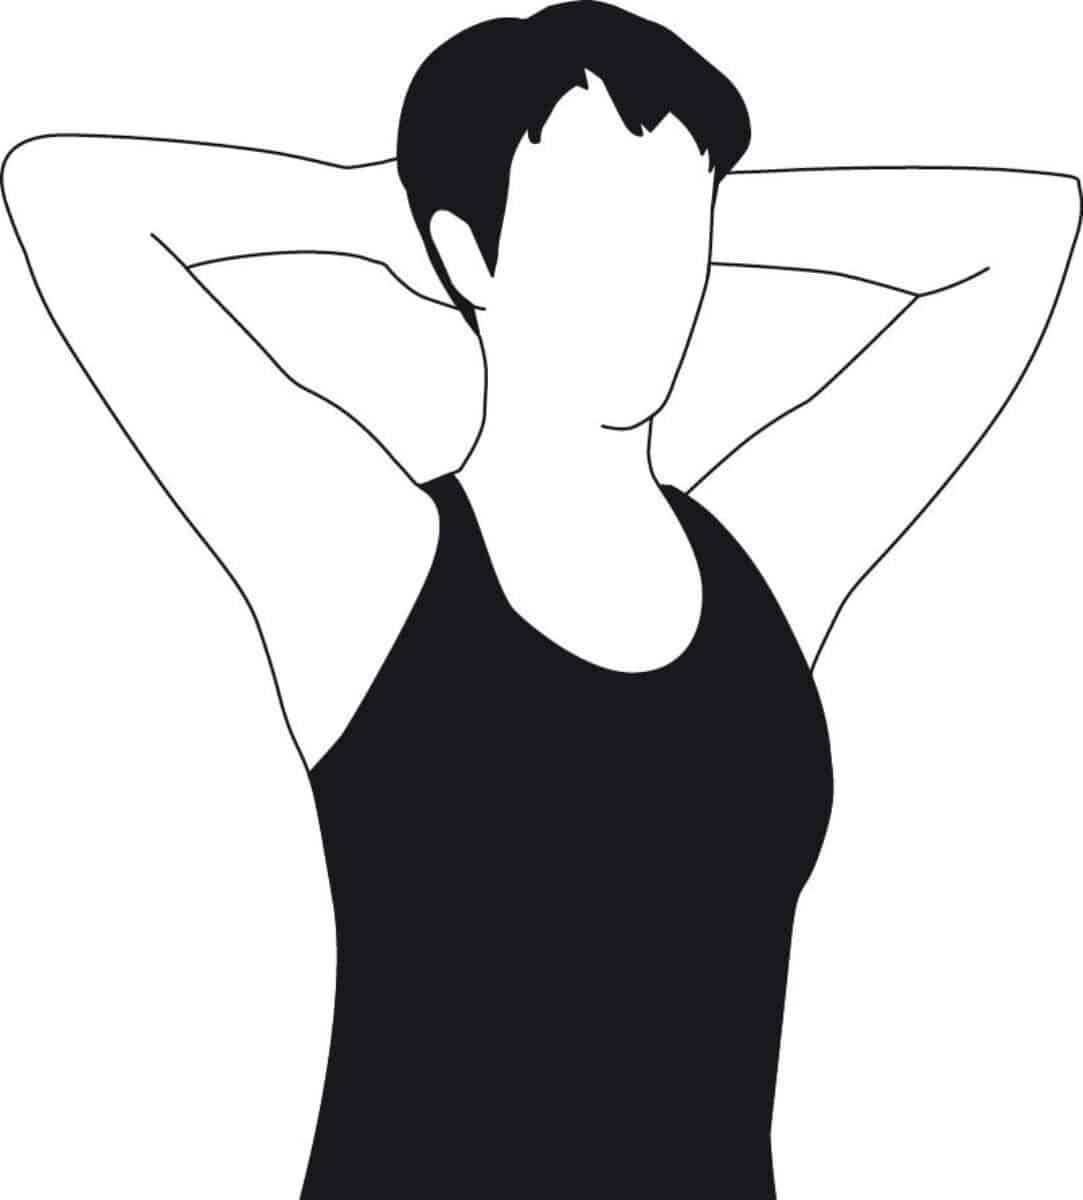 Exercise Epaule 2: Mobilité